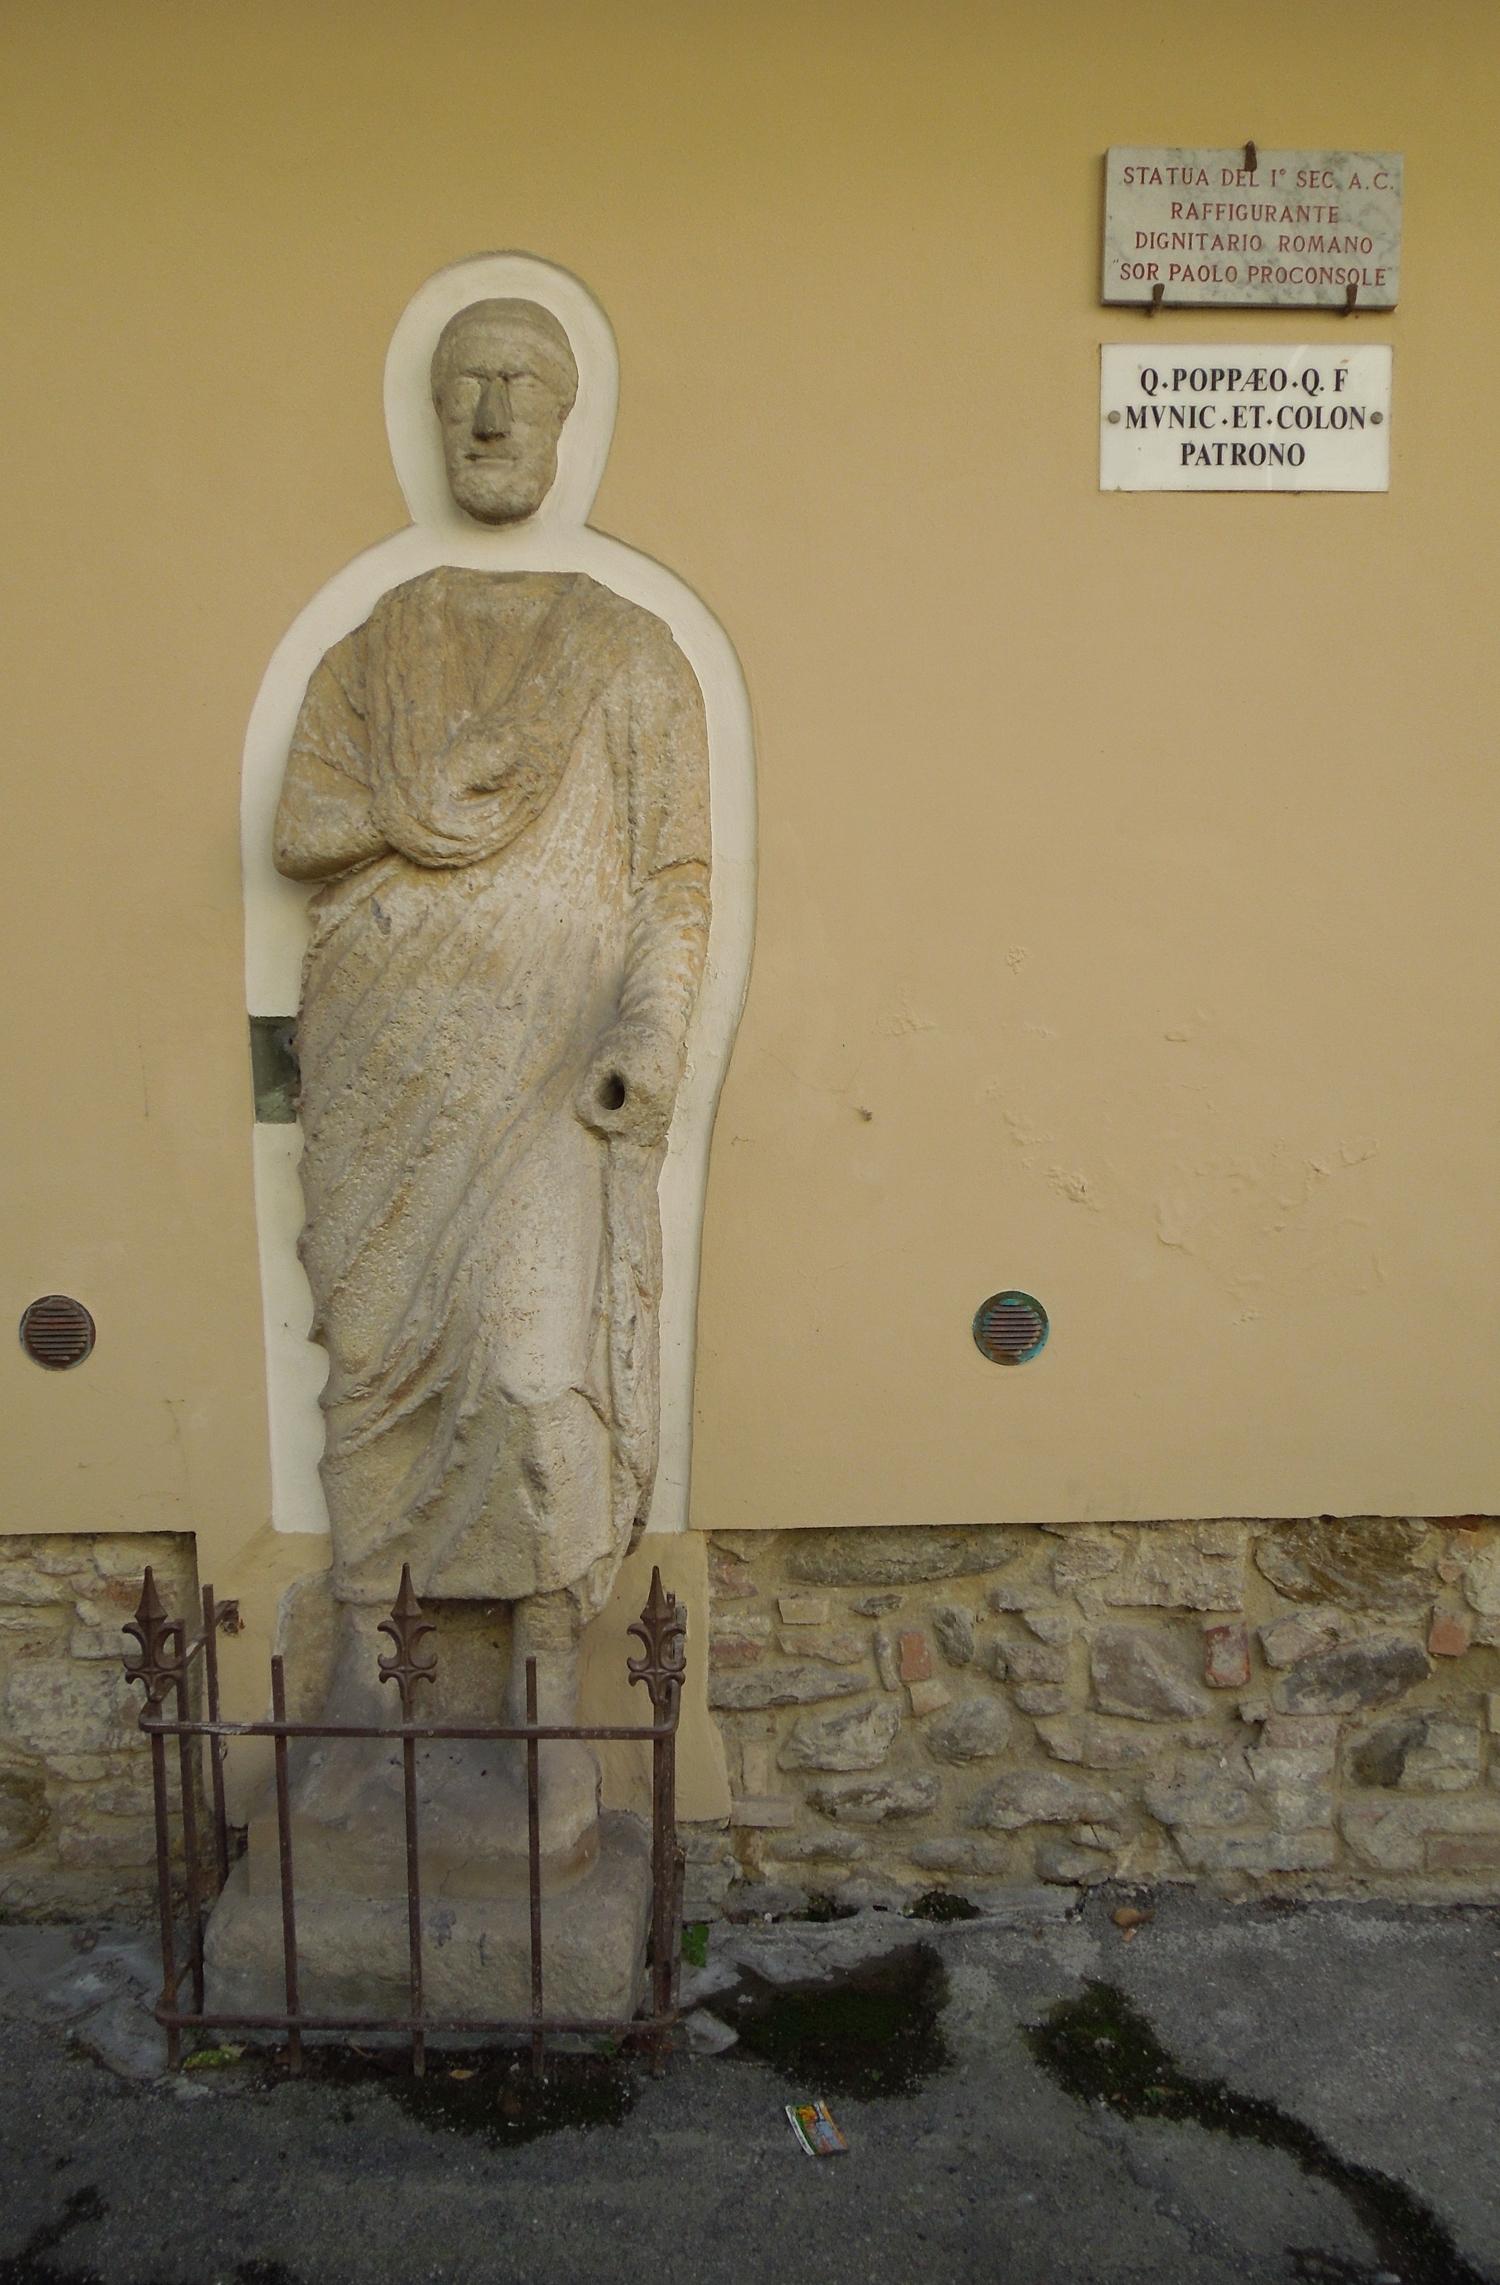 File:statua Di Sor Paolo Proconsole-Dignitario Romano-Teramo in 16 10 2015 In Romano